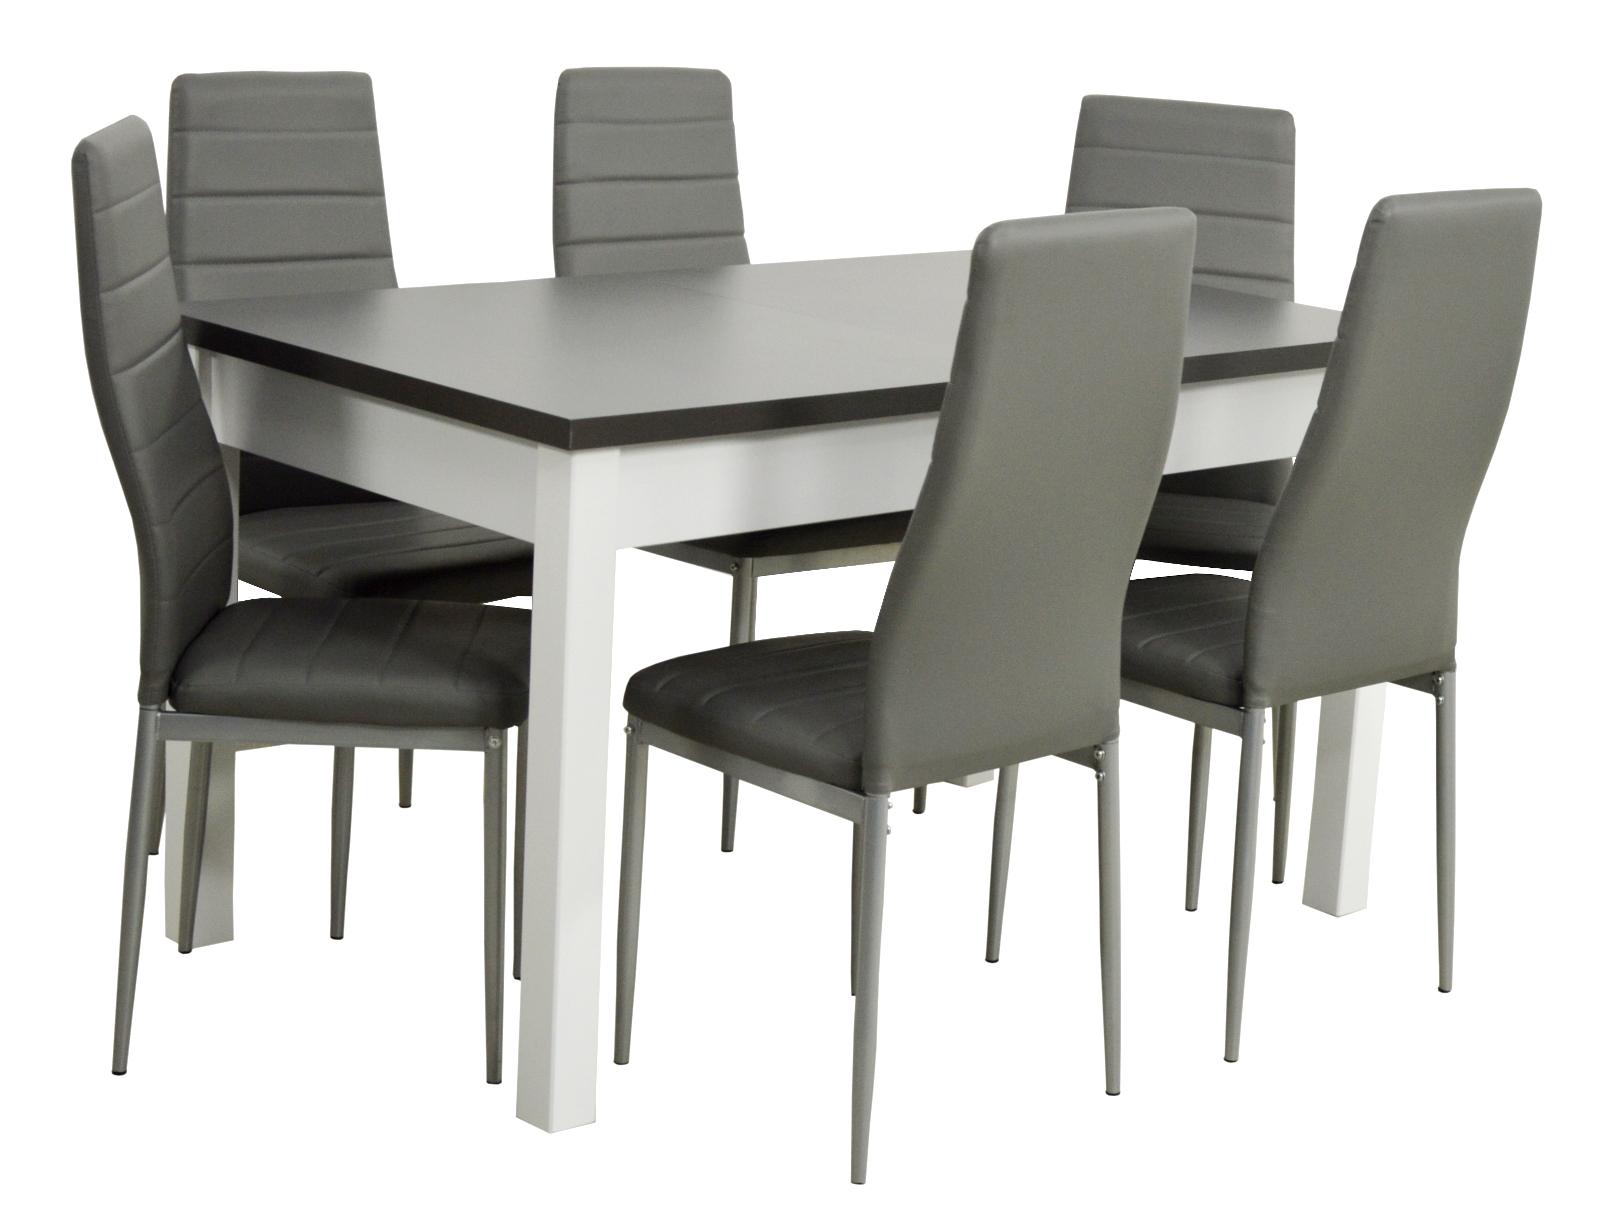 6 стульев и большой складной стол с белой графитовой столешницей